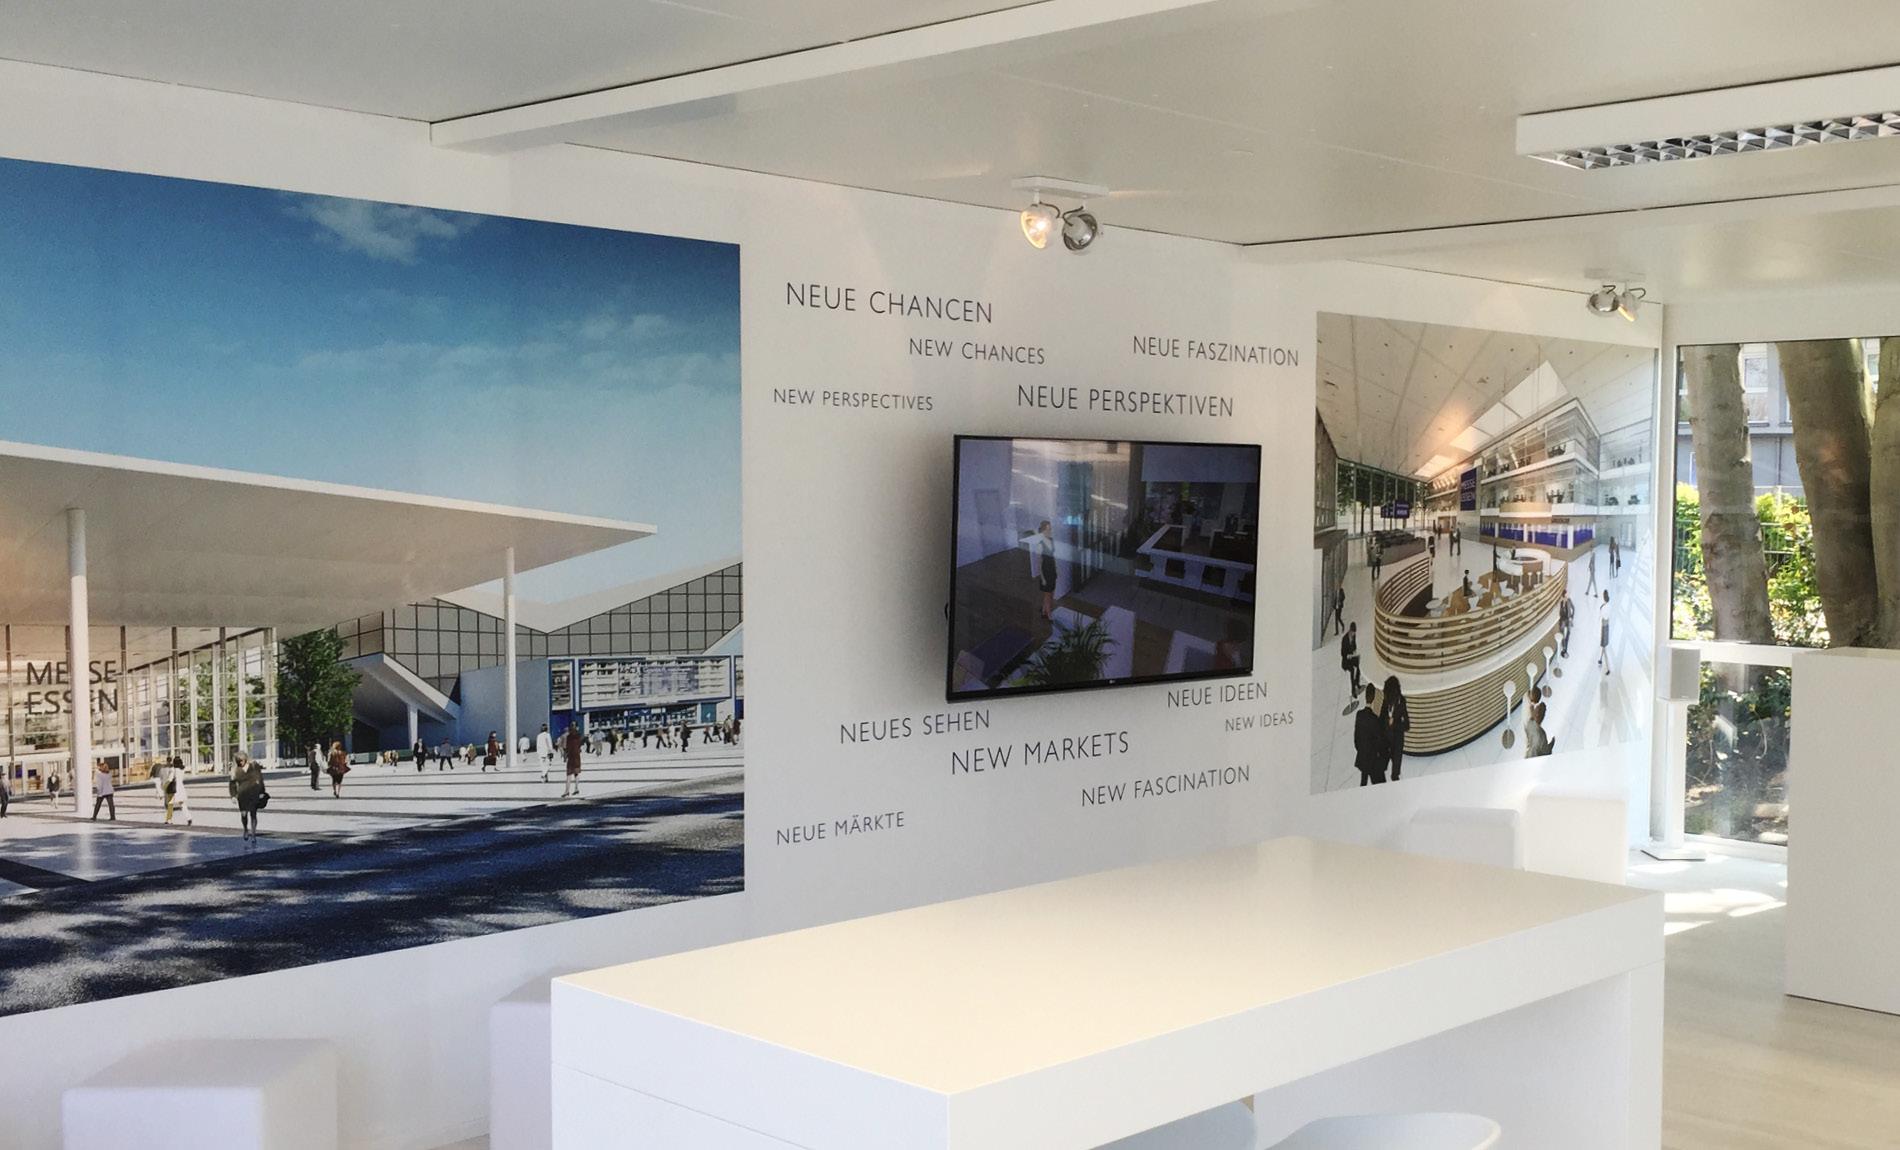 Baucontainer für die Kommunikationskampagne des Modernisierungsprojektes der Messe Essen